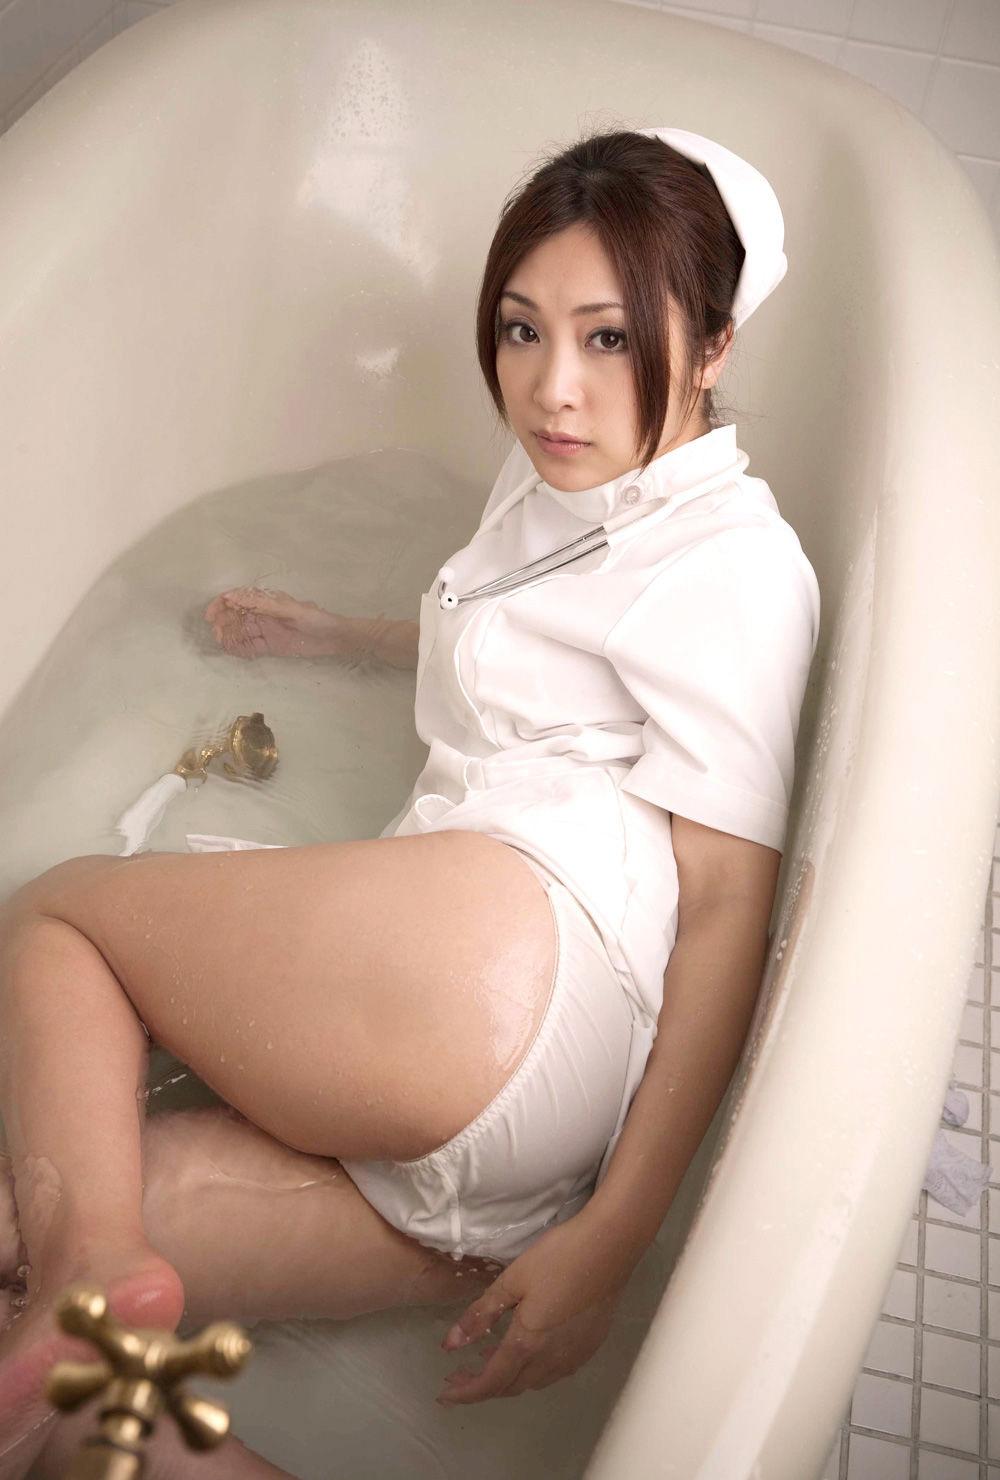 辰巳奈都子 画像 掲示板 39